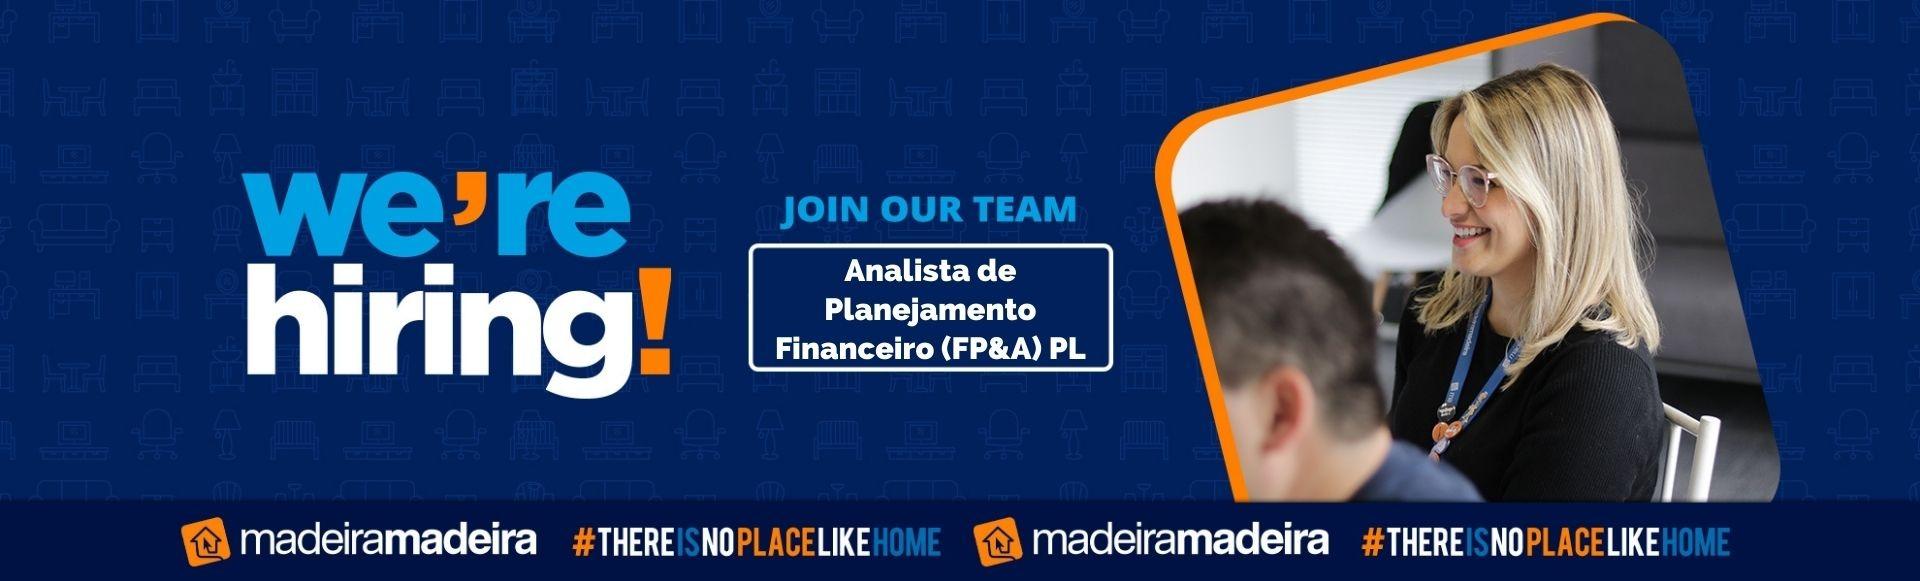 Analista de Planejamento Financeiro (FP&A) PL